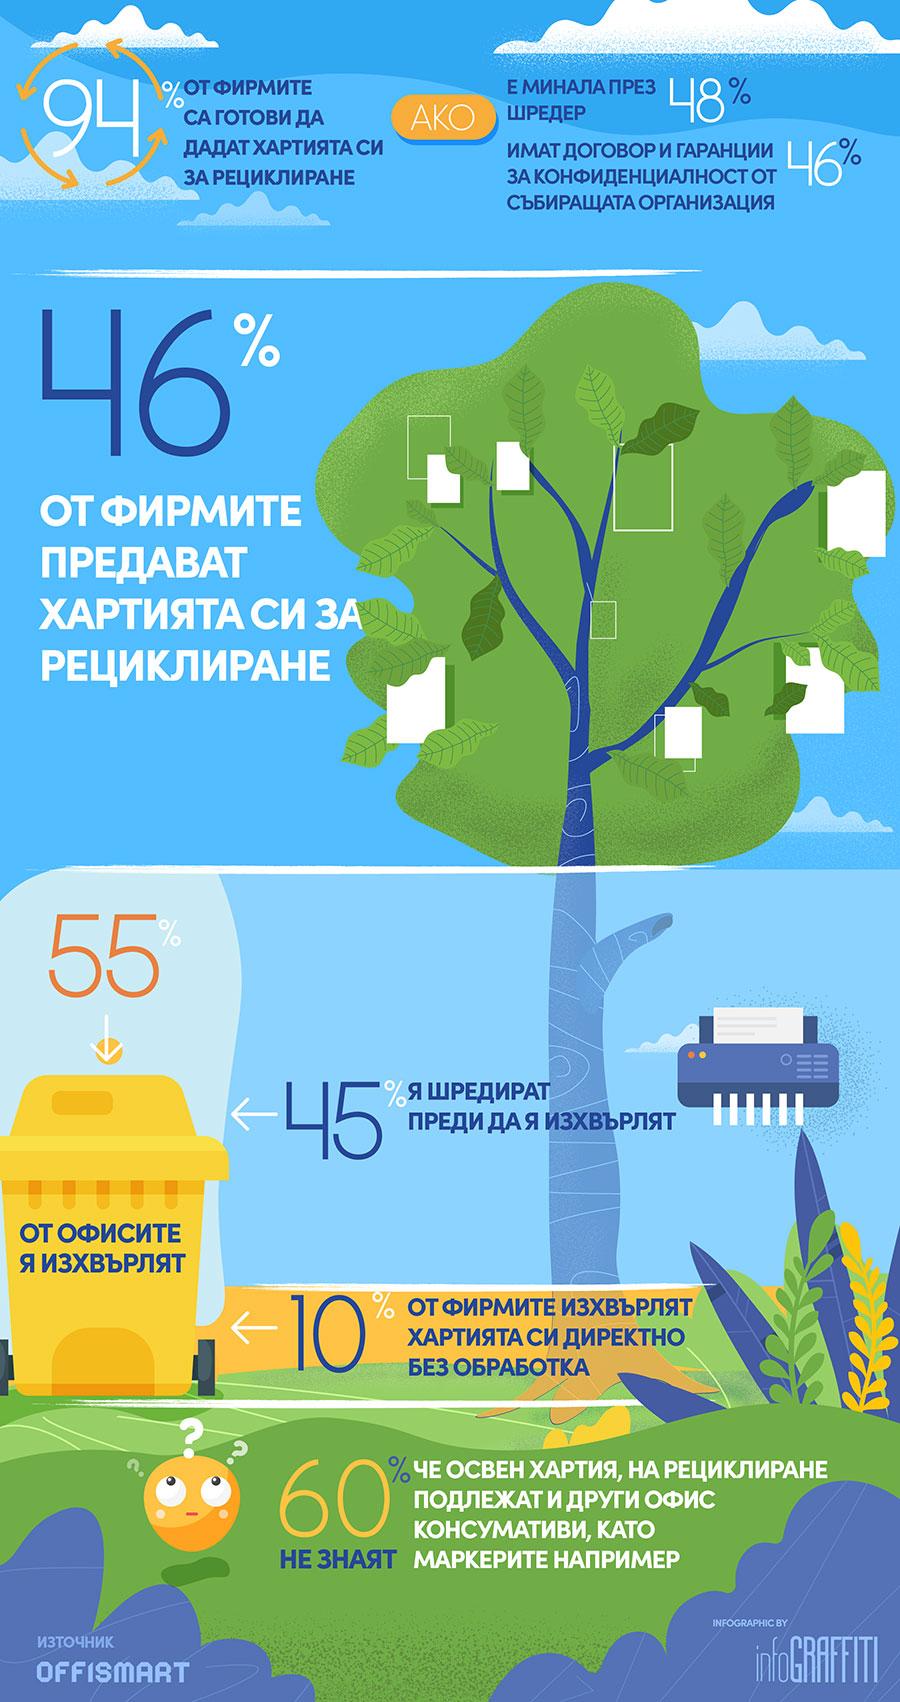 46% от фирмите предават използваната си хартия за рециклиране.